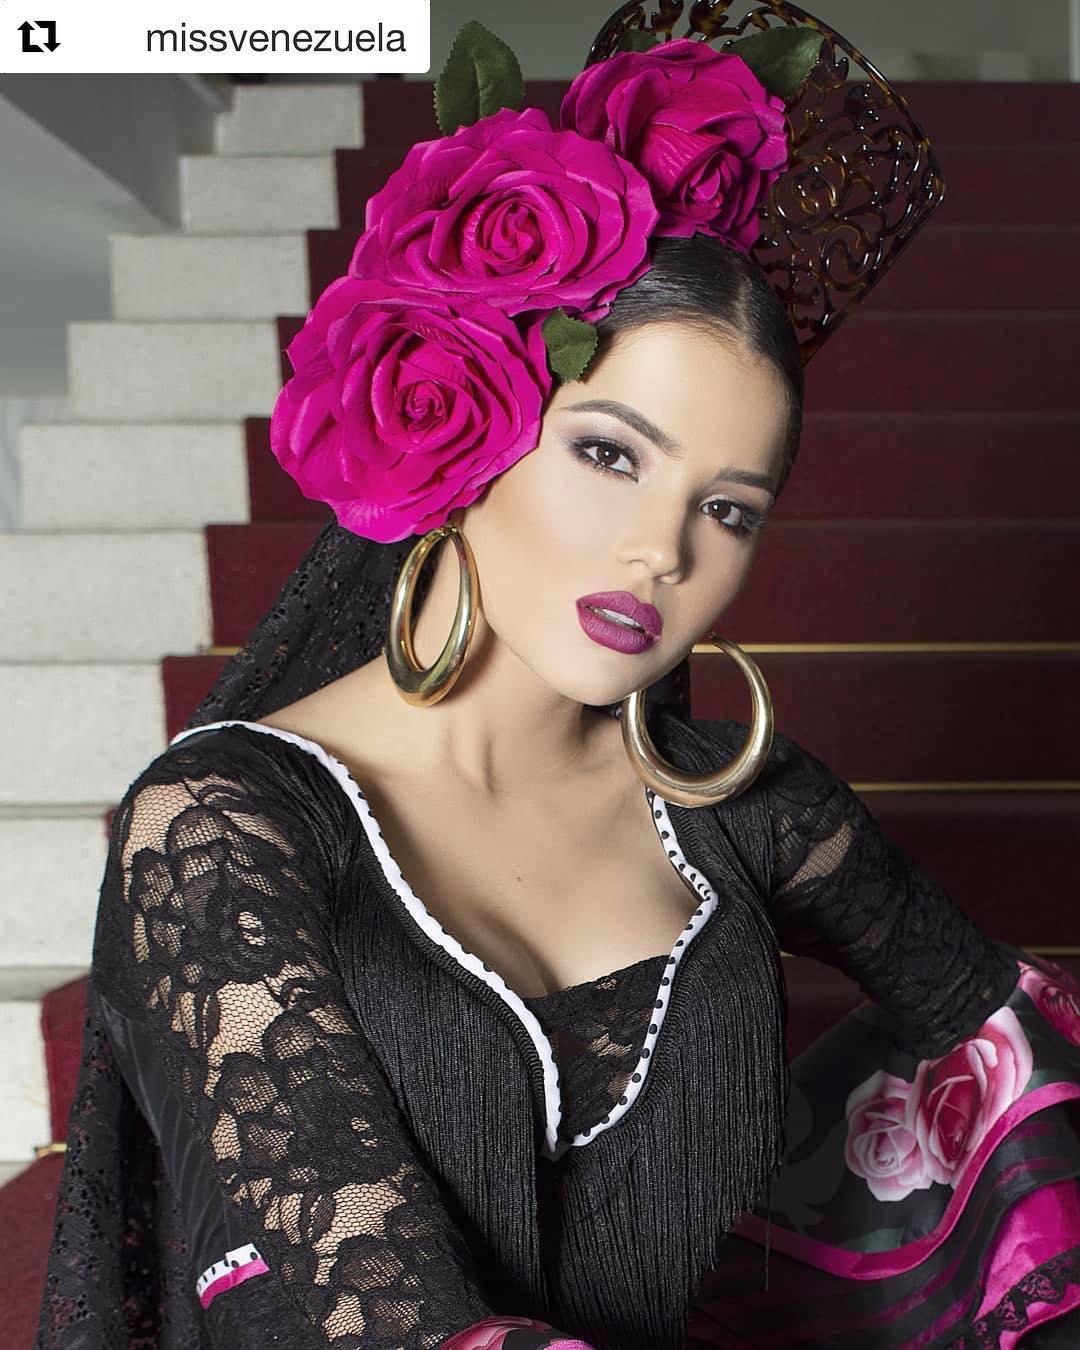 maria sofia contreras trujillo, segunda finalista de reynado internacional cafe 2019. - Página 5 46016310